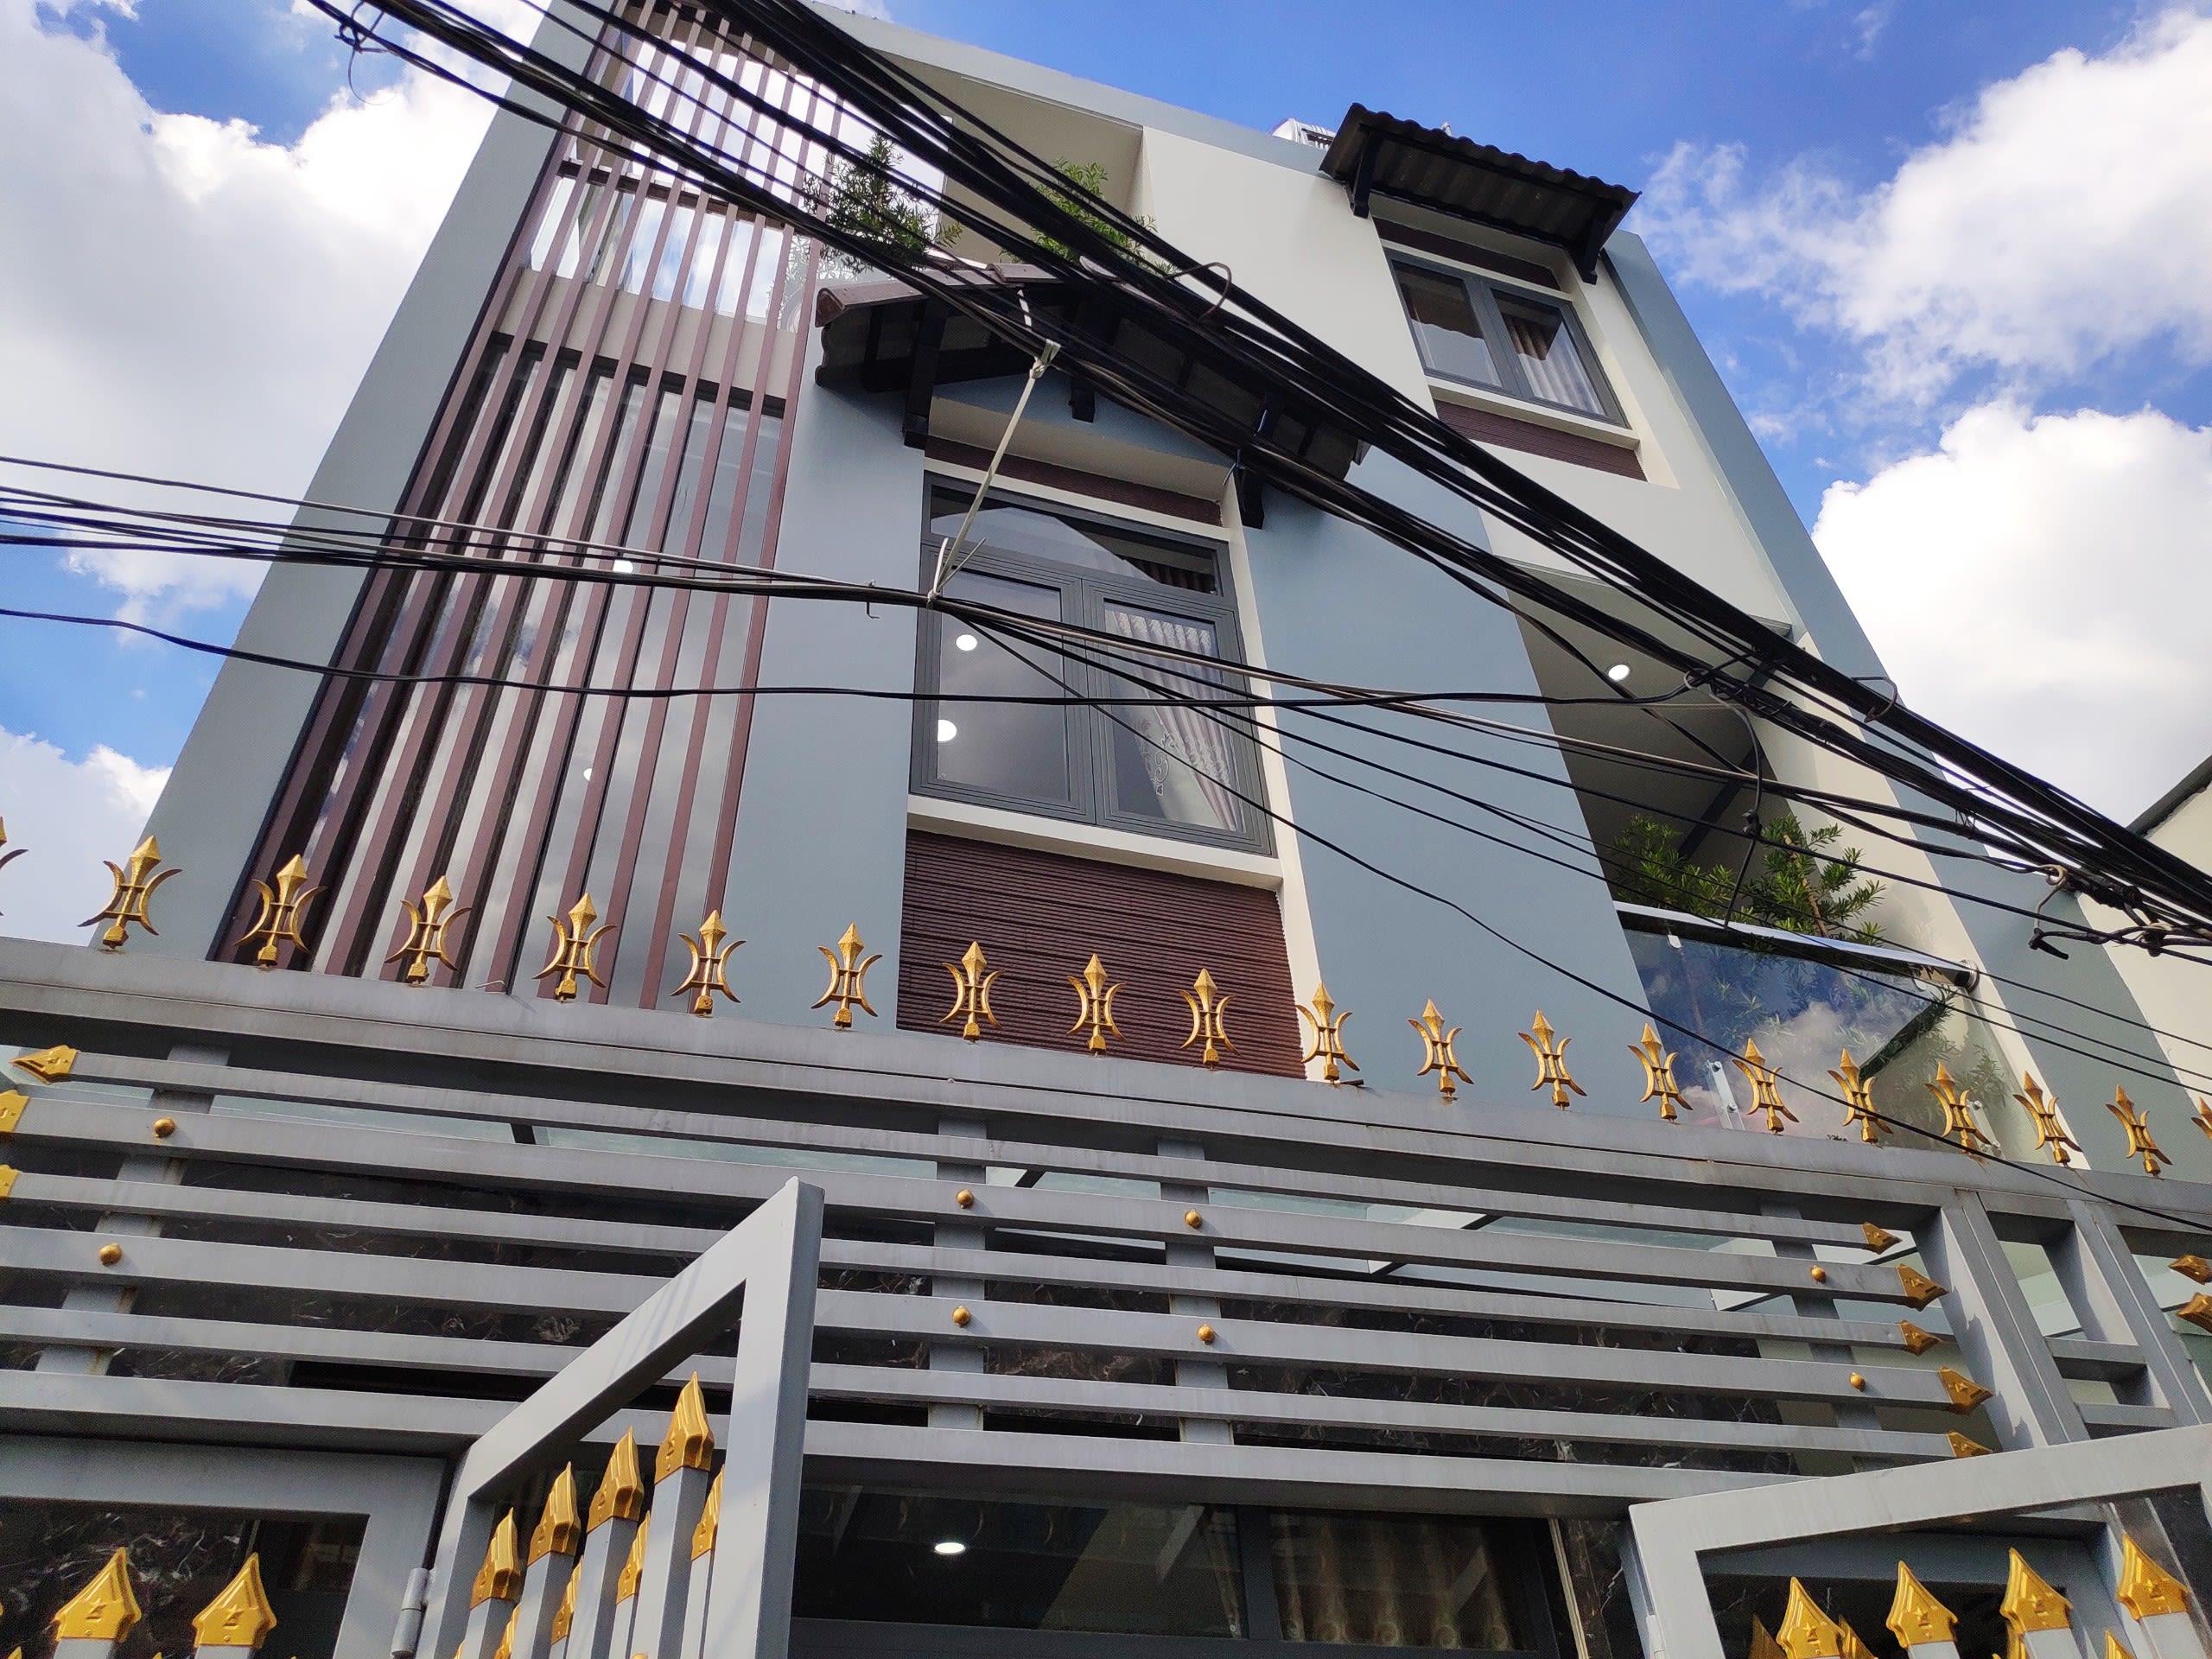 Bán nhà quận 7 NHÀ MỚI ĐẸP GIÁ MỀM. Nhà phố chính chủ xây kiên cố